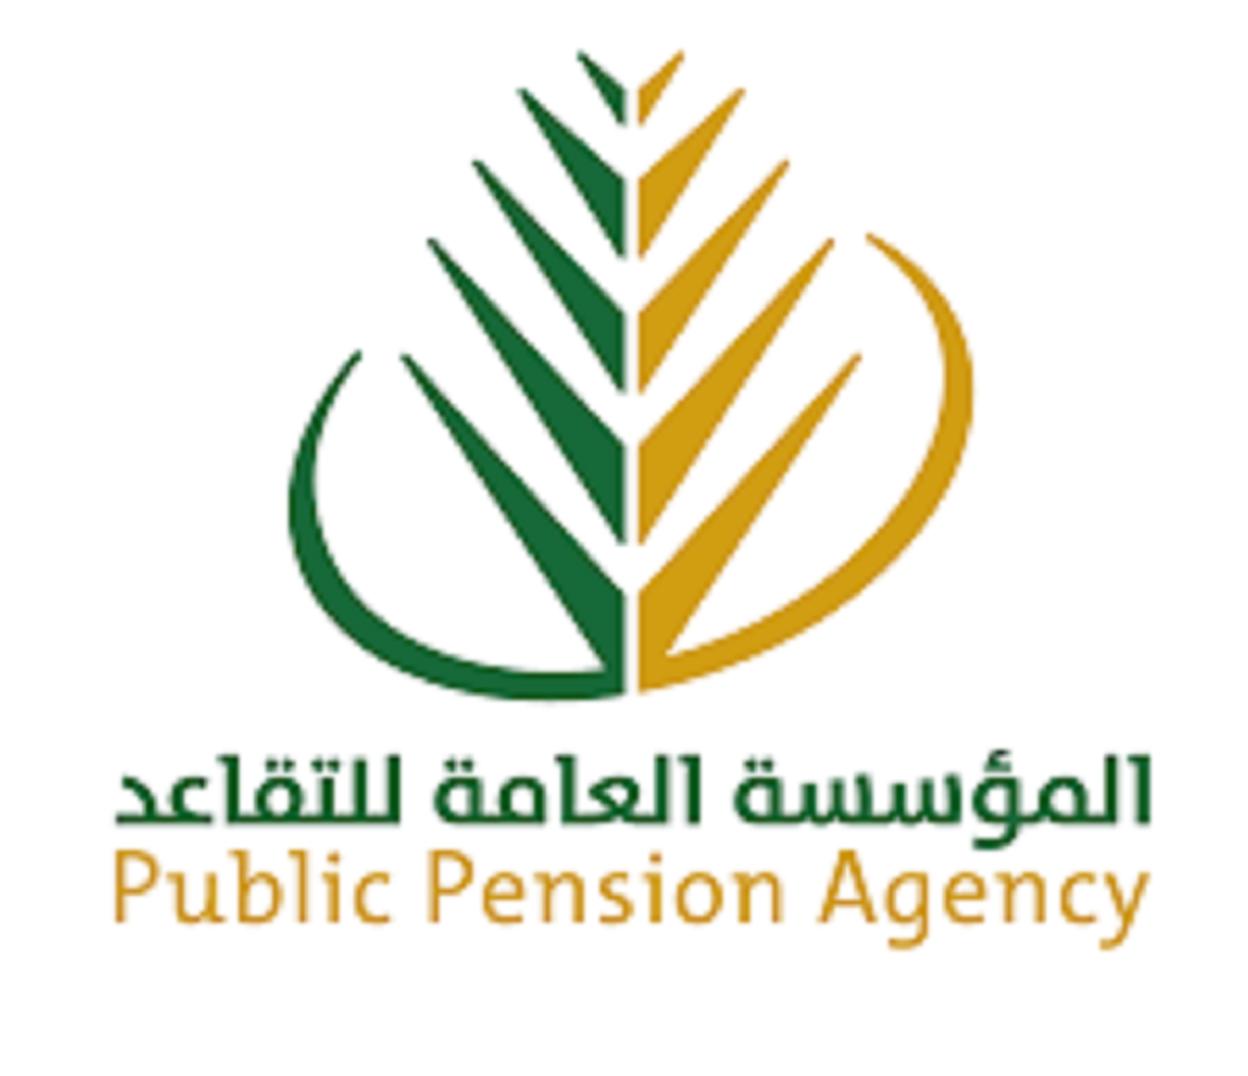 صرف معاشات التقاعد شهر إبريل 2021 في السعودية وحساب المعاش